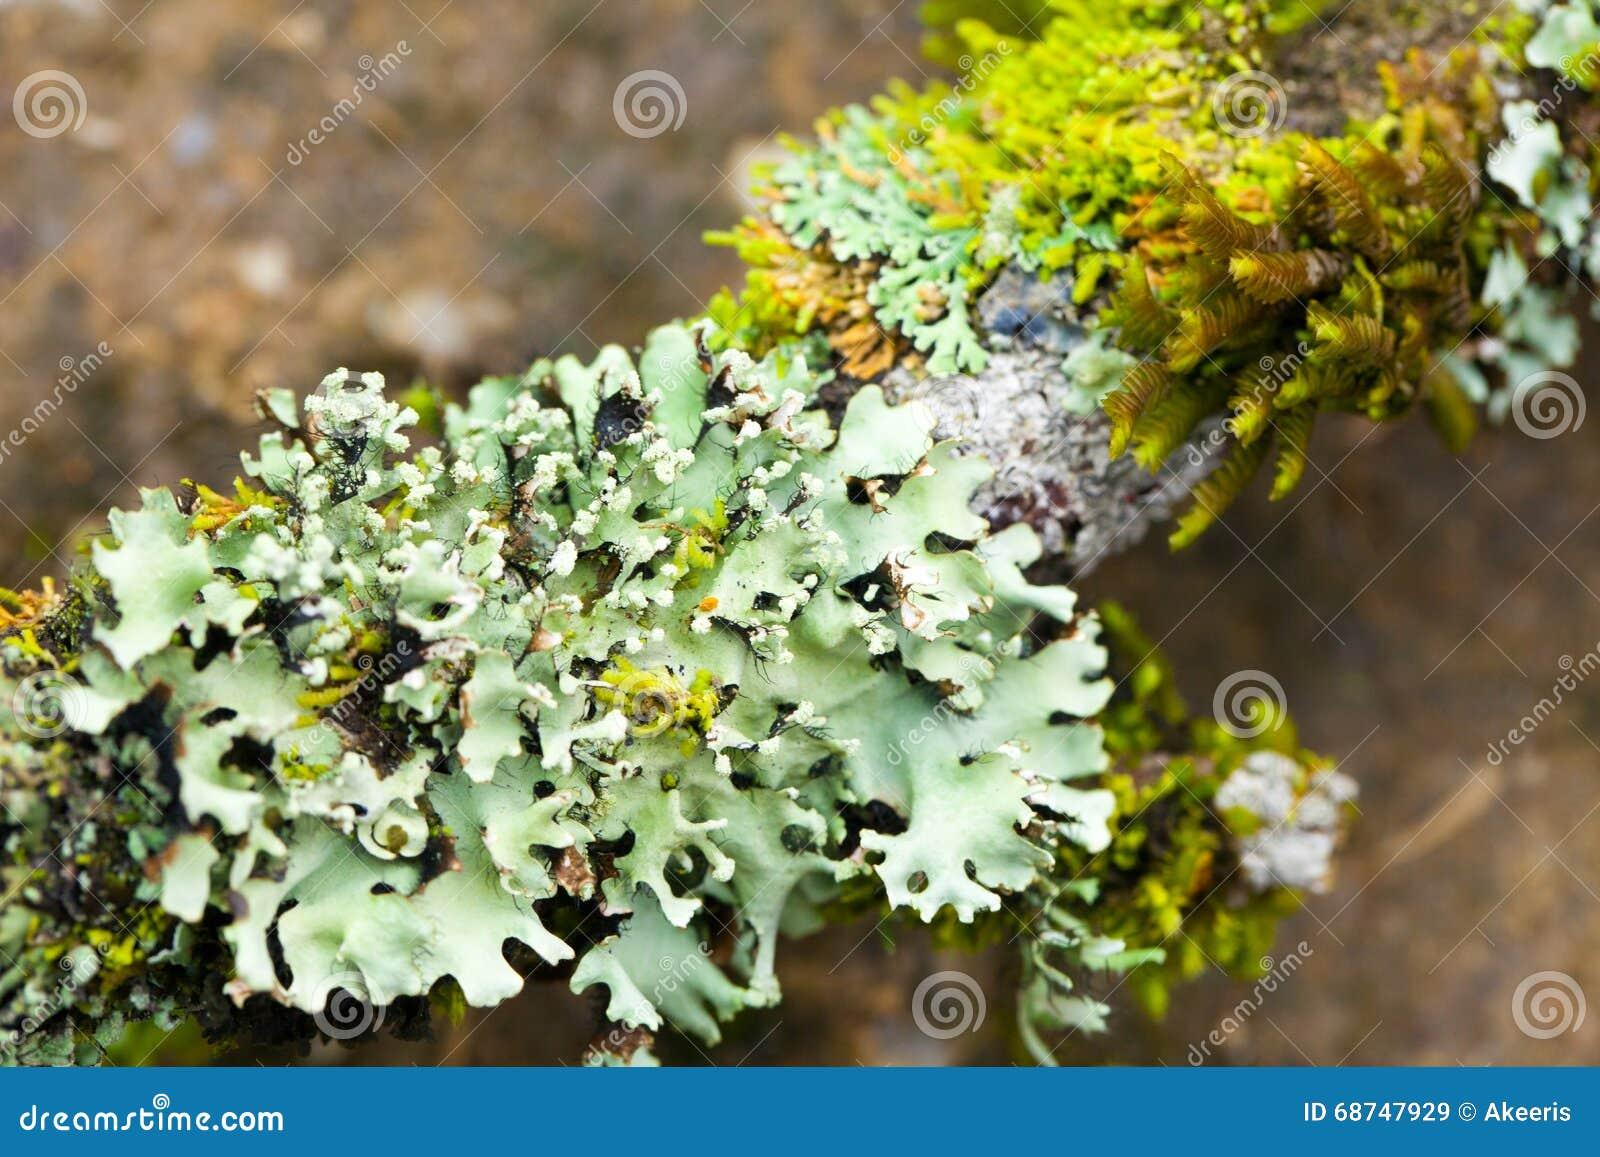 Humidité de lichen